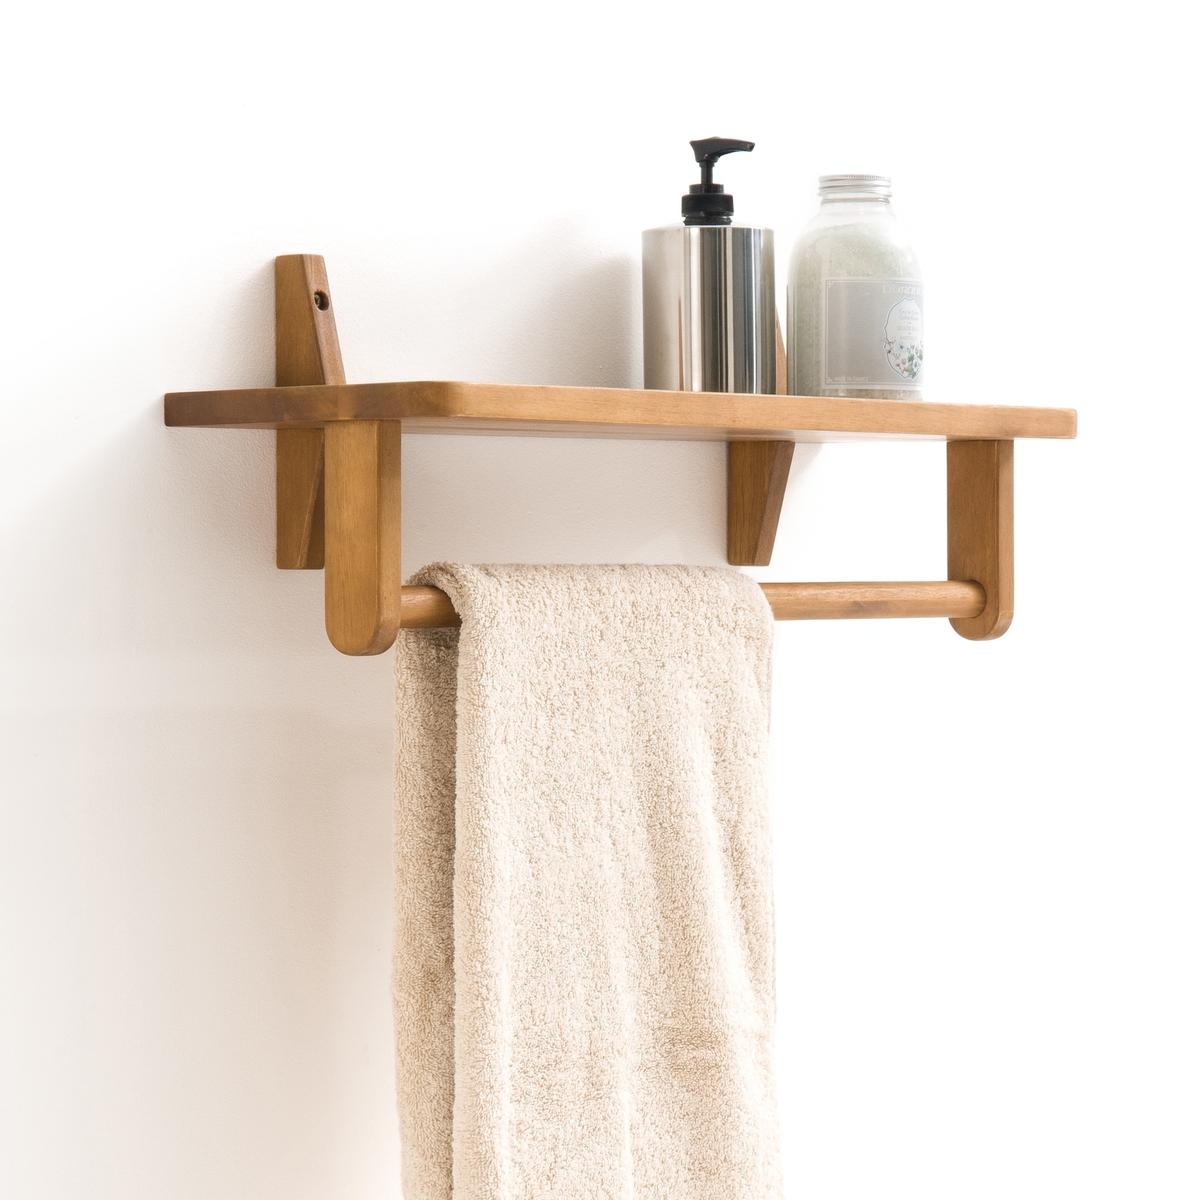 Этажерка из акации с масляным покрытием и отделкой тиковым деревомОписание:Этажерка из акации с масляным покрытием и отделкой тиковым деревом. Неглубокая этажерка (21 см) повсюду найдет свое место будь то на кухне, в ванной или гостиной!Характеристики этажерки: Из древесины акации с масляным покрытием из контролируемых источников, отделка тиковым деревом1 полка сверху, 1 перекладина для полотенец снизуВысокая устойчивость к воздействию влагиРазмеры этажерки:Длина : 56 см Ширина: 21 см Высота: 214 смРазмеры перекладины:Длина : 53 см Ширина: 2,3 см Высота: 2,34 смРазмеры и вес упаковки :1 коробка 58 x 25 x 48 см.2 кгДоставка :Этажерка доставляется в разобранном виде. Доставка осуществляется до квартиры  по предварительному согласованию !Внимание ! Убедитесь, что посылку возможно доставить на дом, учитывая ее габариты.<br><br>Цвет: акация<br>Размер: единый размер